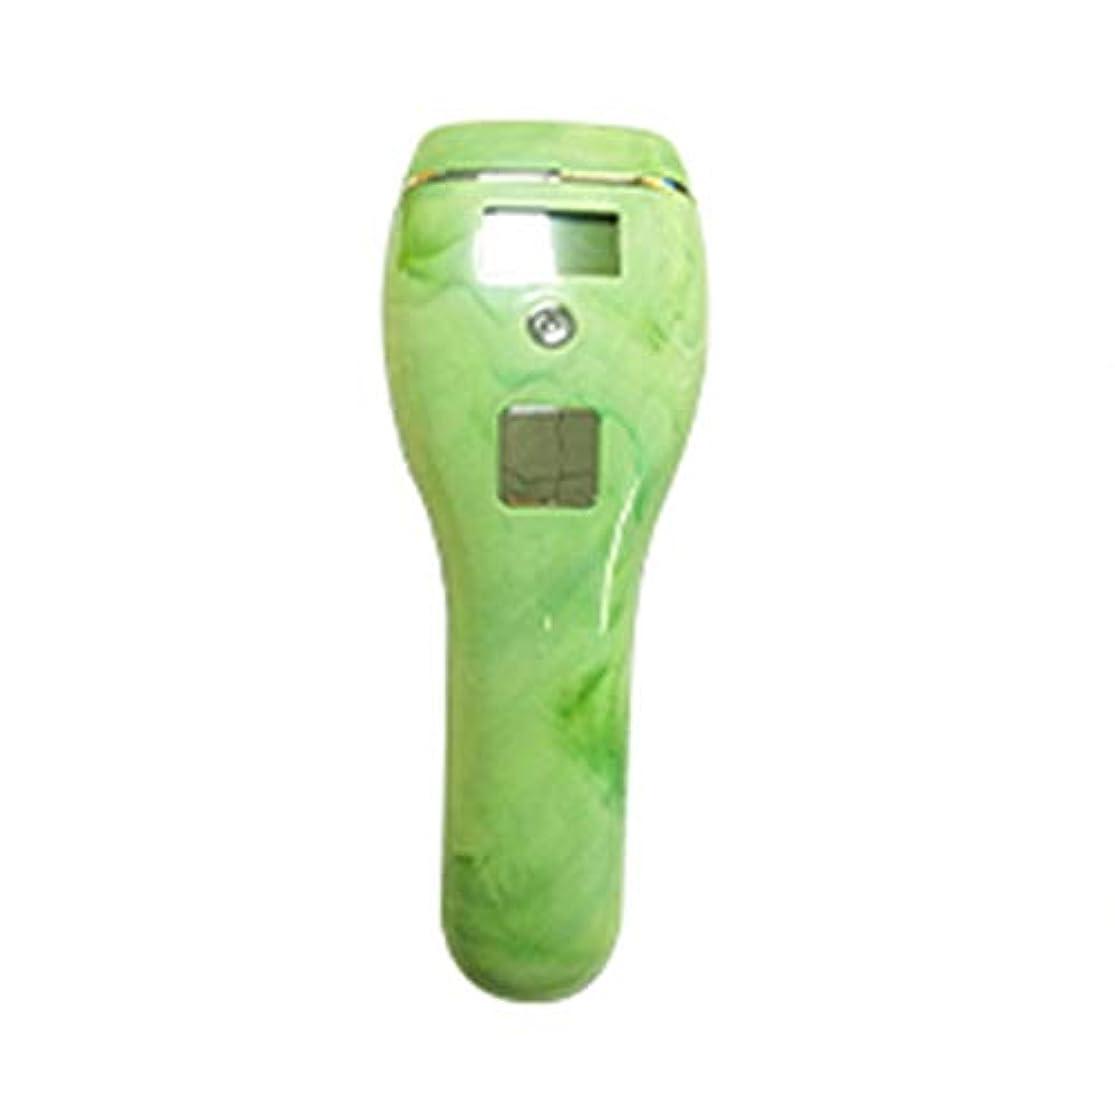 傀儡あらゆる種類の実り多いXihouxian 自動肌のカラーセンシング、グリーン、5速調整、クォーツチューブ、携帯用痛みのない全身凍結乾燥用除湿器、サイズ19x7x5cm D40 (Color : Green)